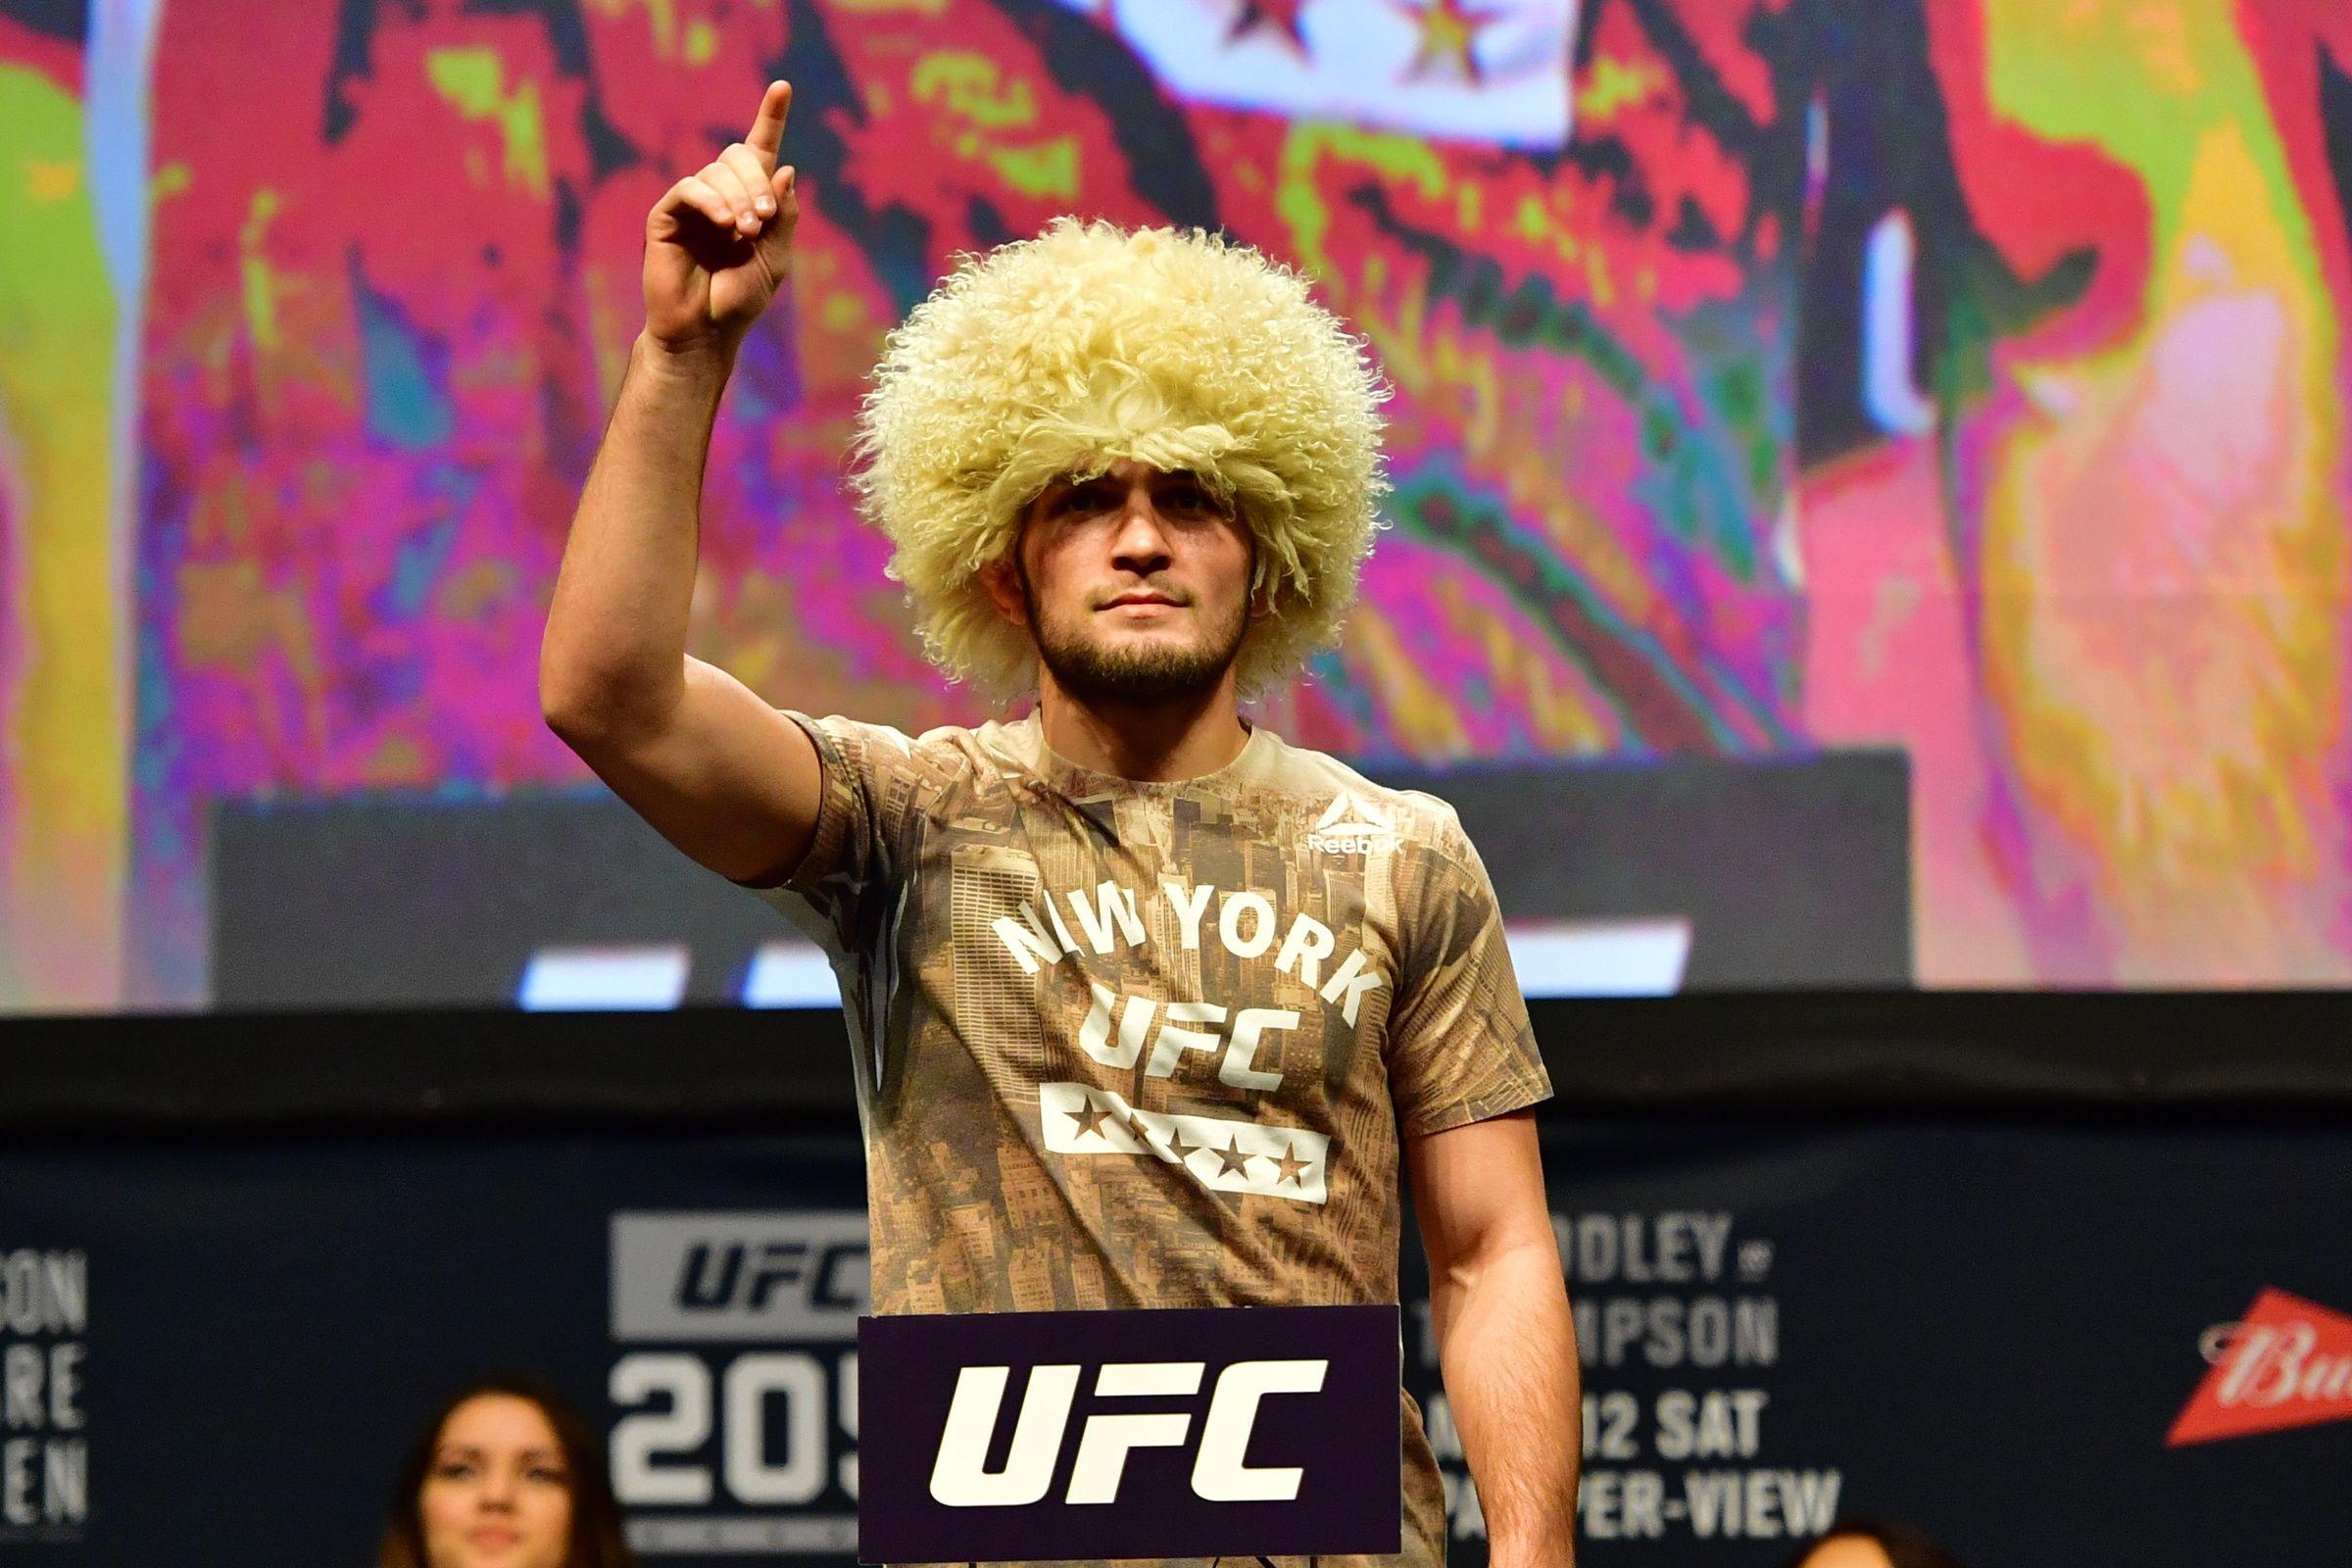 Президент UFC: 'Хабиб вернётся ради своего отца'